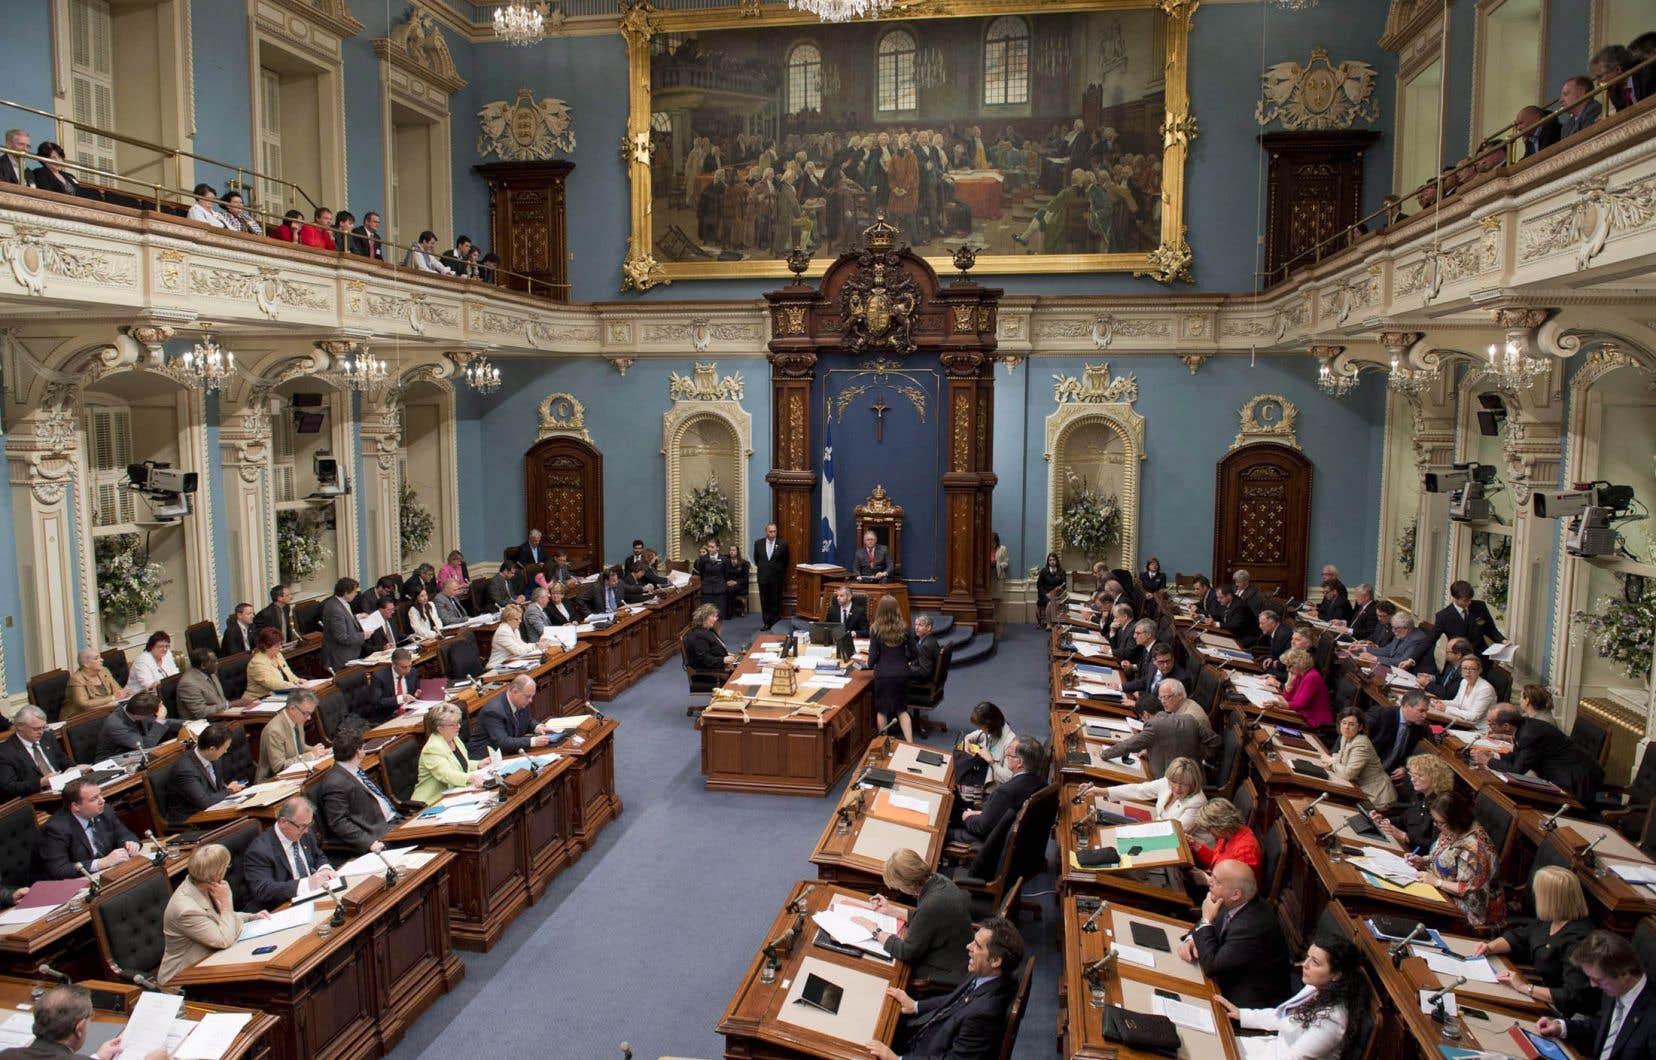 Les députés libéraux ont rejeté le rapport de la Commissaire — et ont exempté Pierre Paradis de payer l'amende — sur la base d'un avis juridique commandé par le leader du gouvernement, Jean-Marc Fournier, rappellent les auteurs.